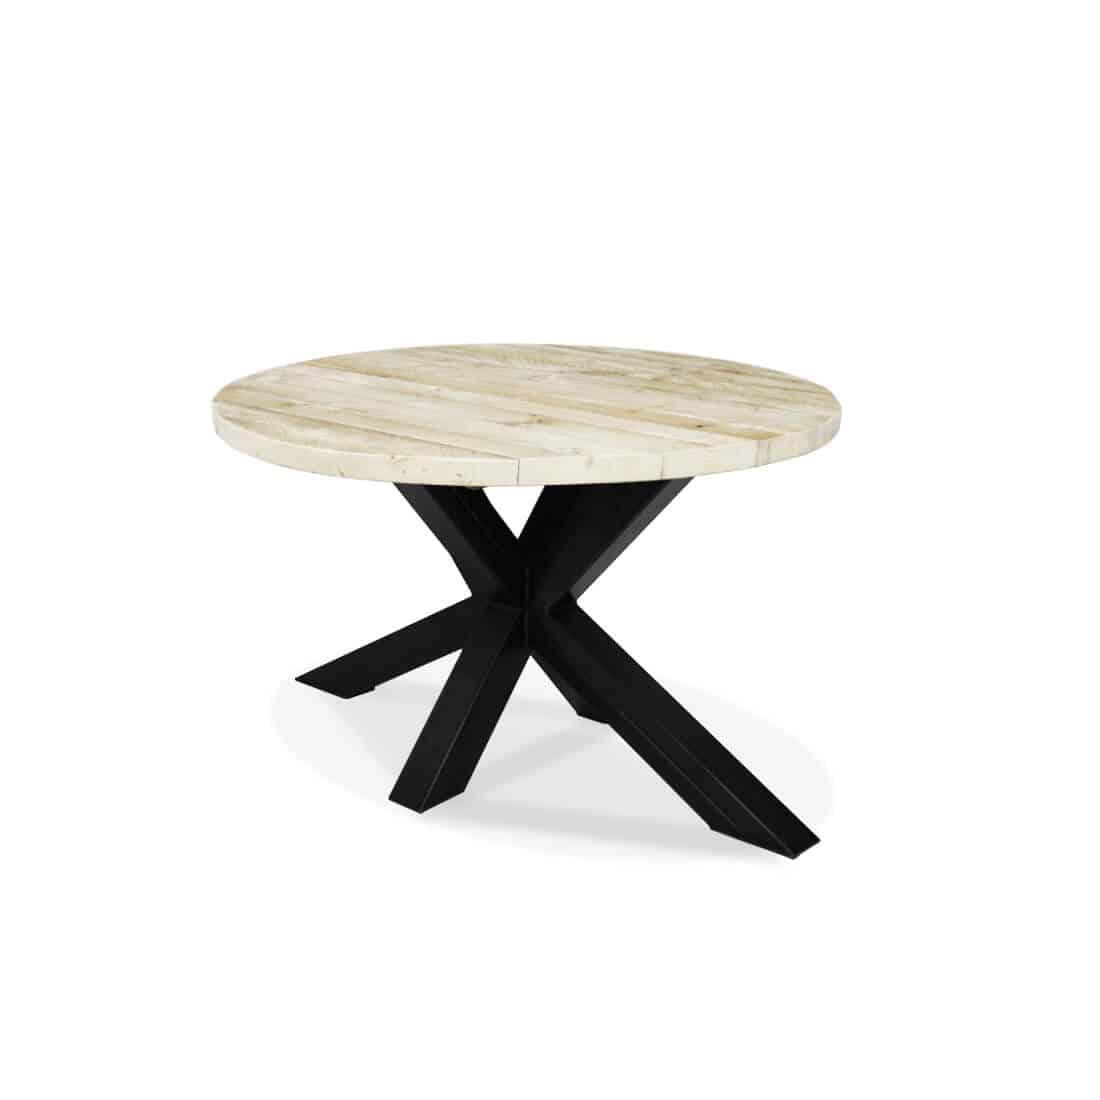 Industriële steigerhouten tafel Rigby